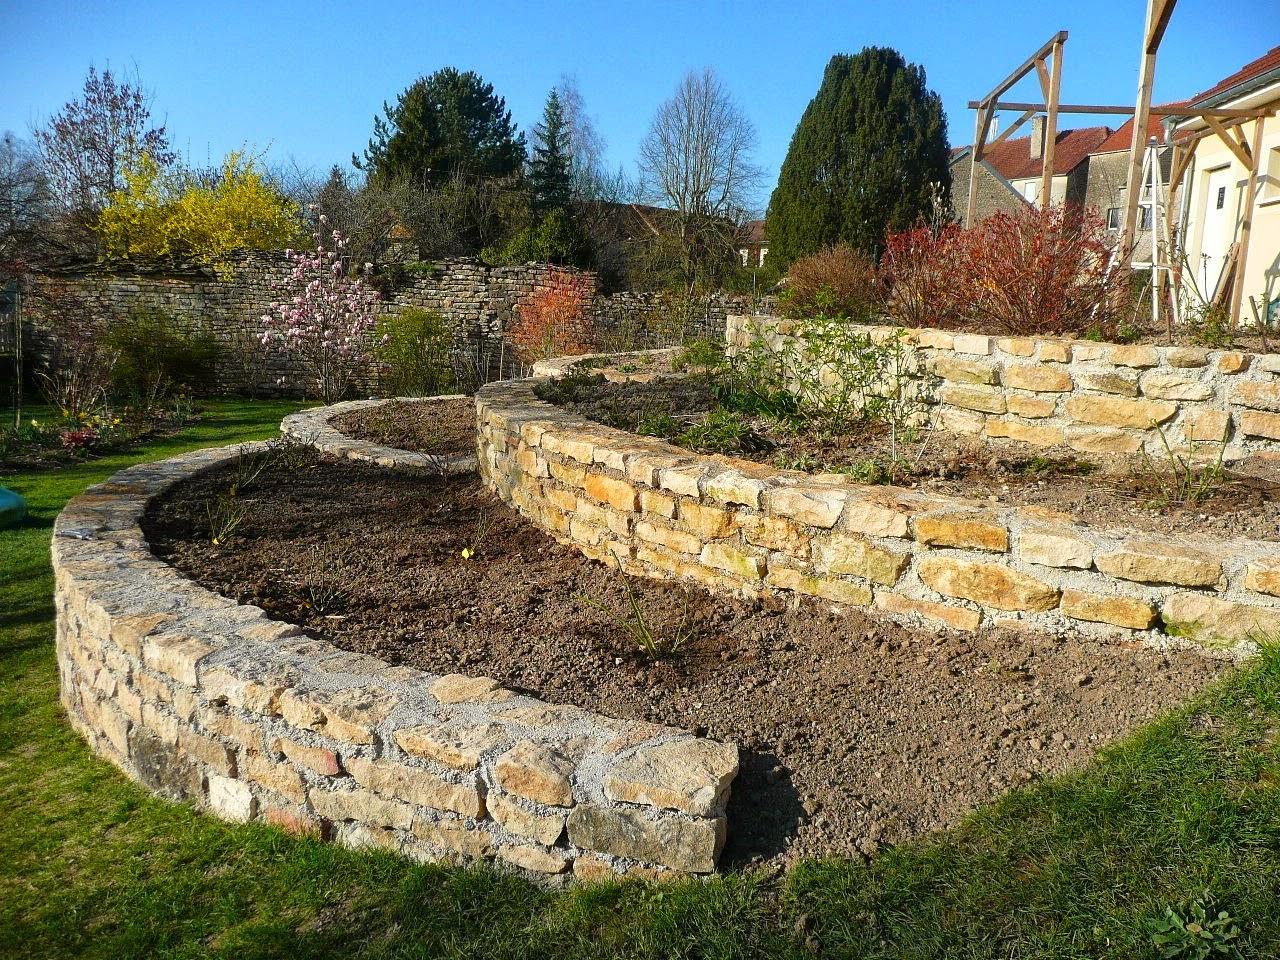 Deco petit jardin de rocaille fort de france 38 le petit jardin montpellier petit jardin - Petit jardin montpellier creteil ...